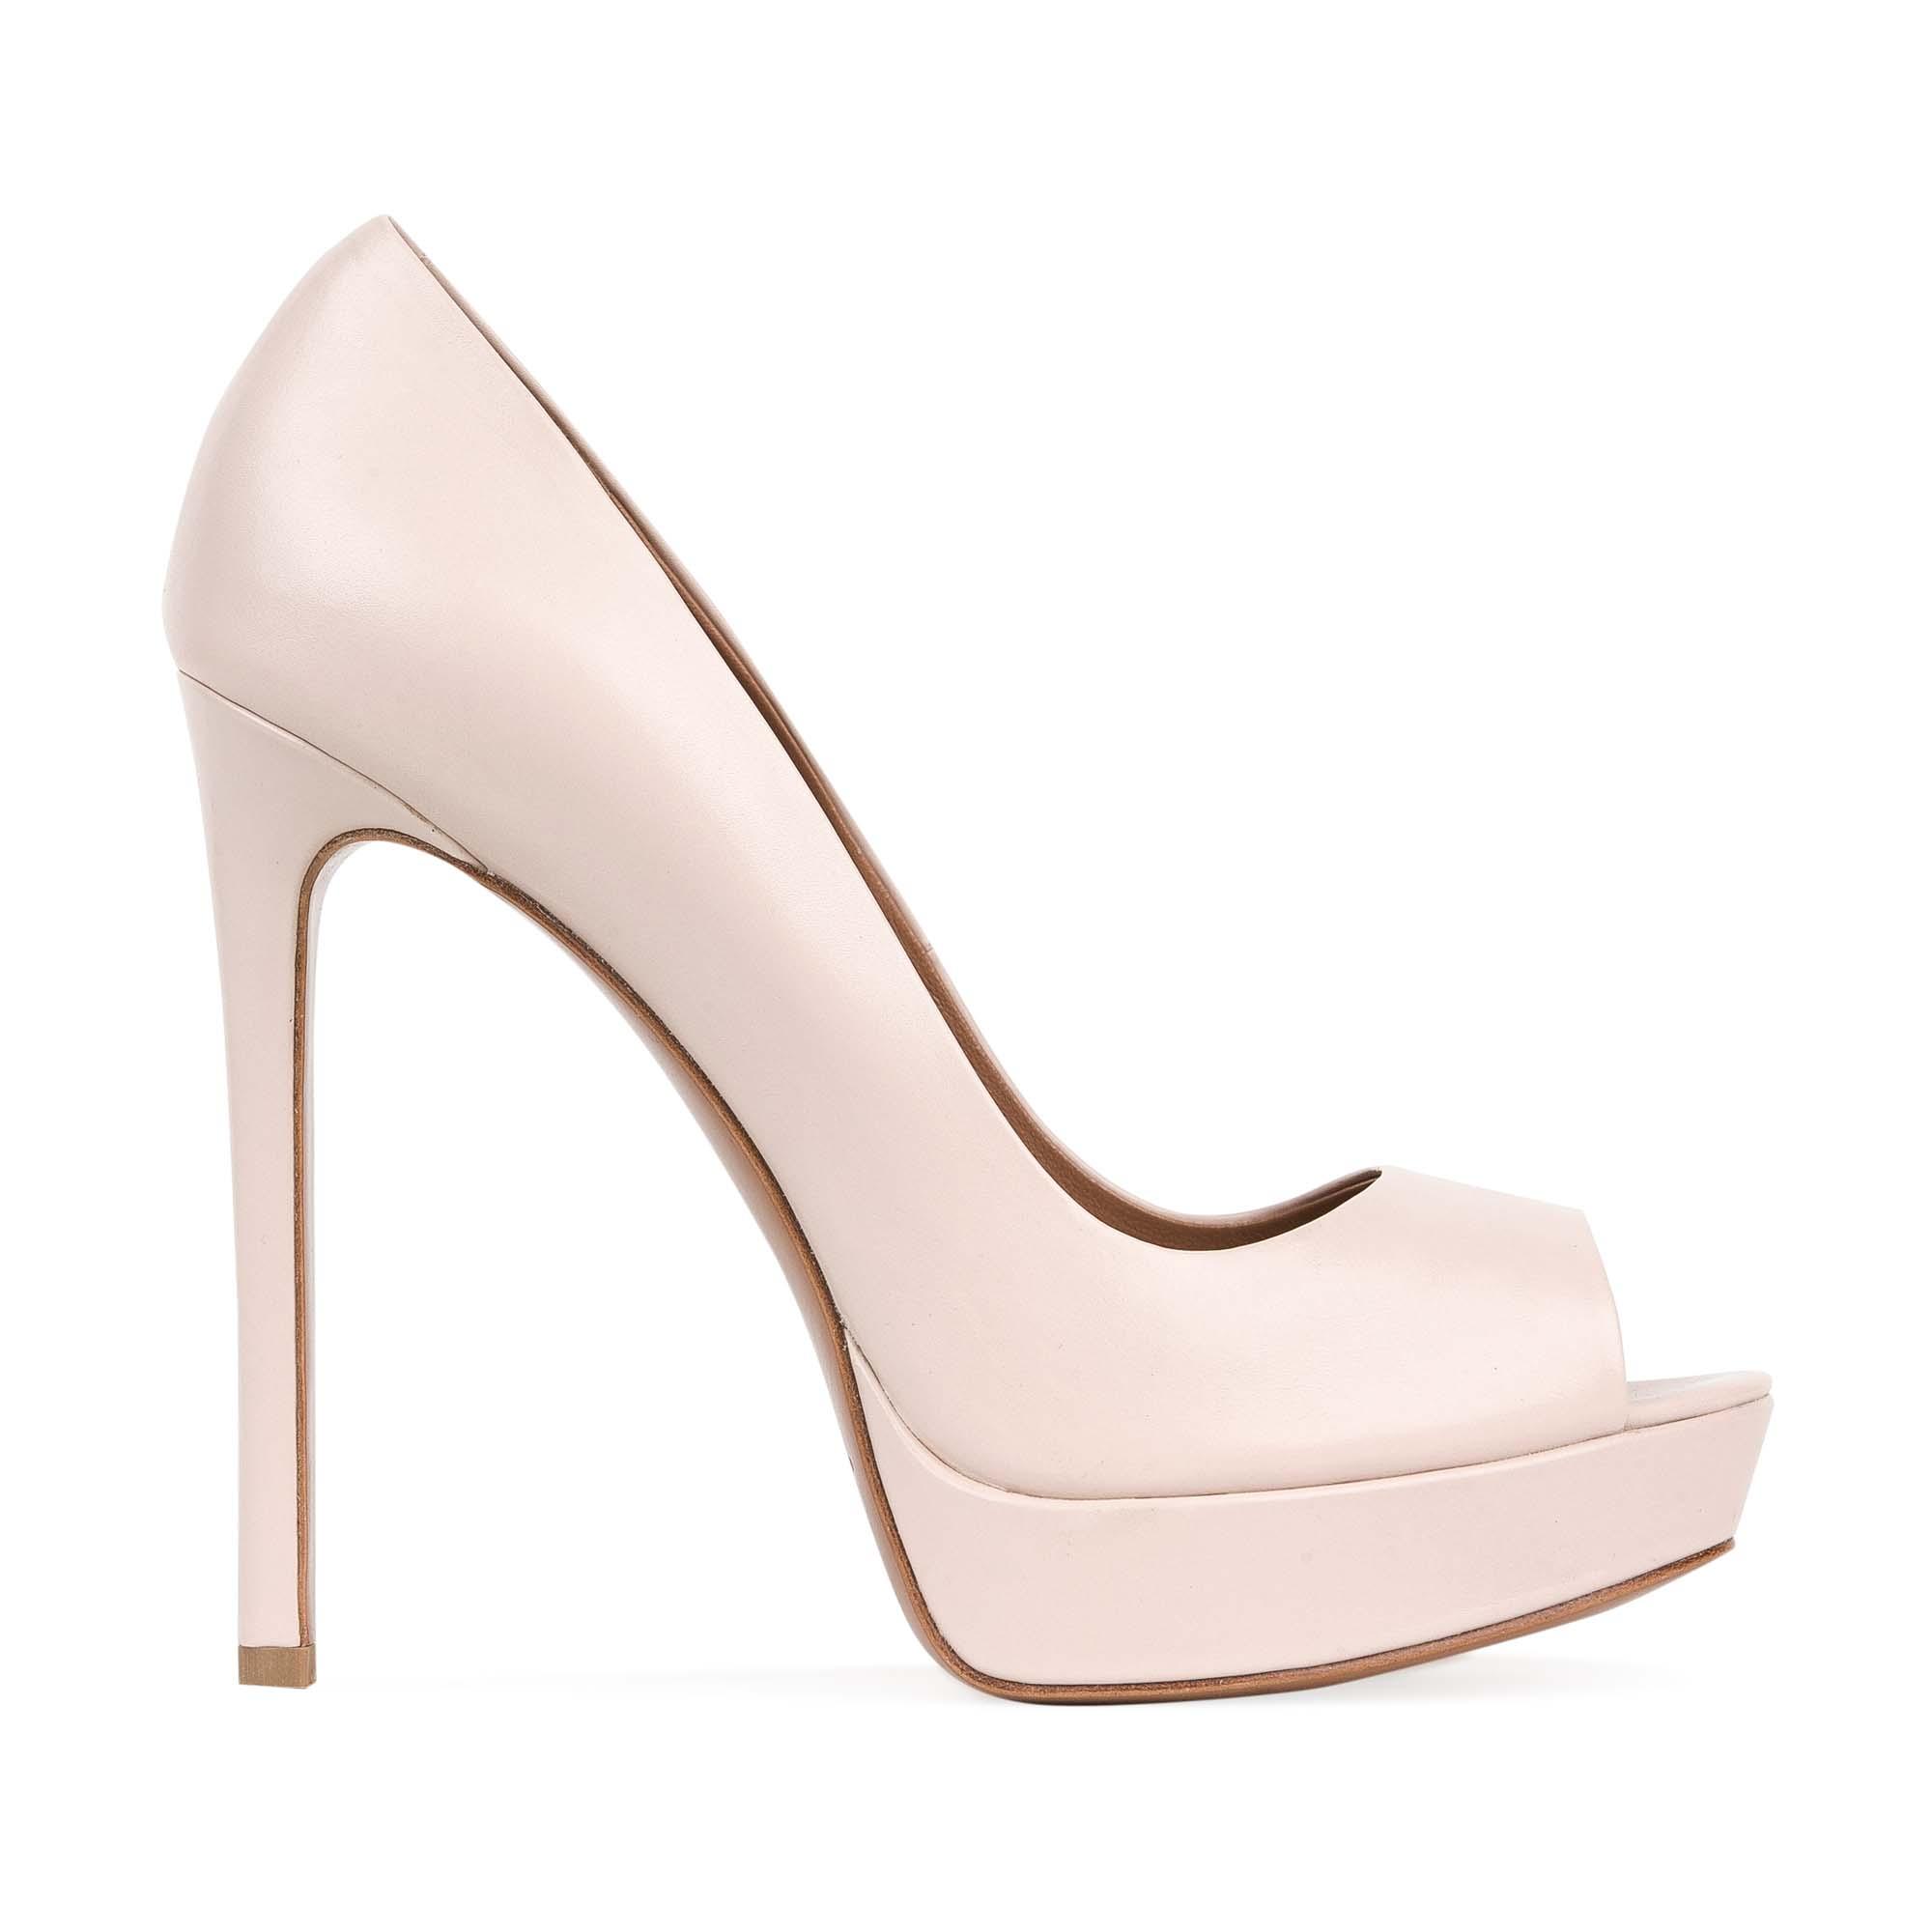 Туфли из кожи сливочного цвета на высоком каблукеТуфли женские<br><br>Материал верха: Кожа<br>Материал подкладки: Кожа<br>Материал подошвы: Кожа<br>Цвет: Бежевый<br>Высота каблука: 13см<br>Дизайн: Италия<br>Страна производства: Китай<br><br>Высота каблука: 13 см<br>Материал верха: Кожа<br>Материал подошвы: Кожа<br>Материал подкладки: Кожа<br>Цвет: Бежевый<br>Пол: Женский<br>Вес кг: 1.00000000<br>Размер обуви: 40